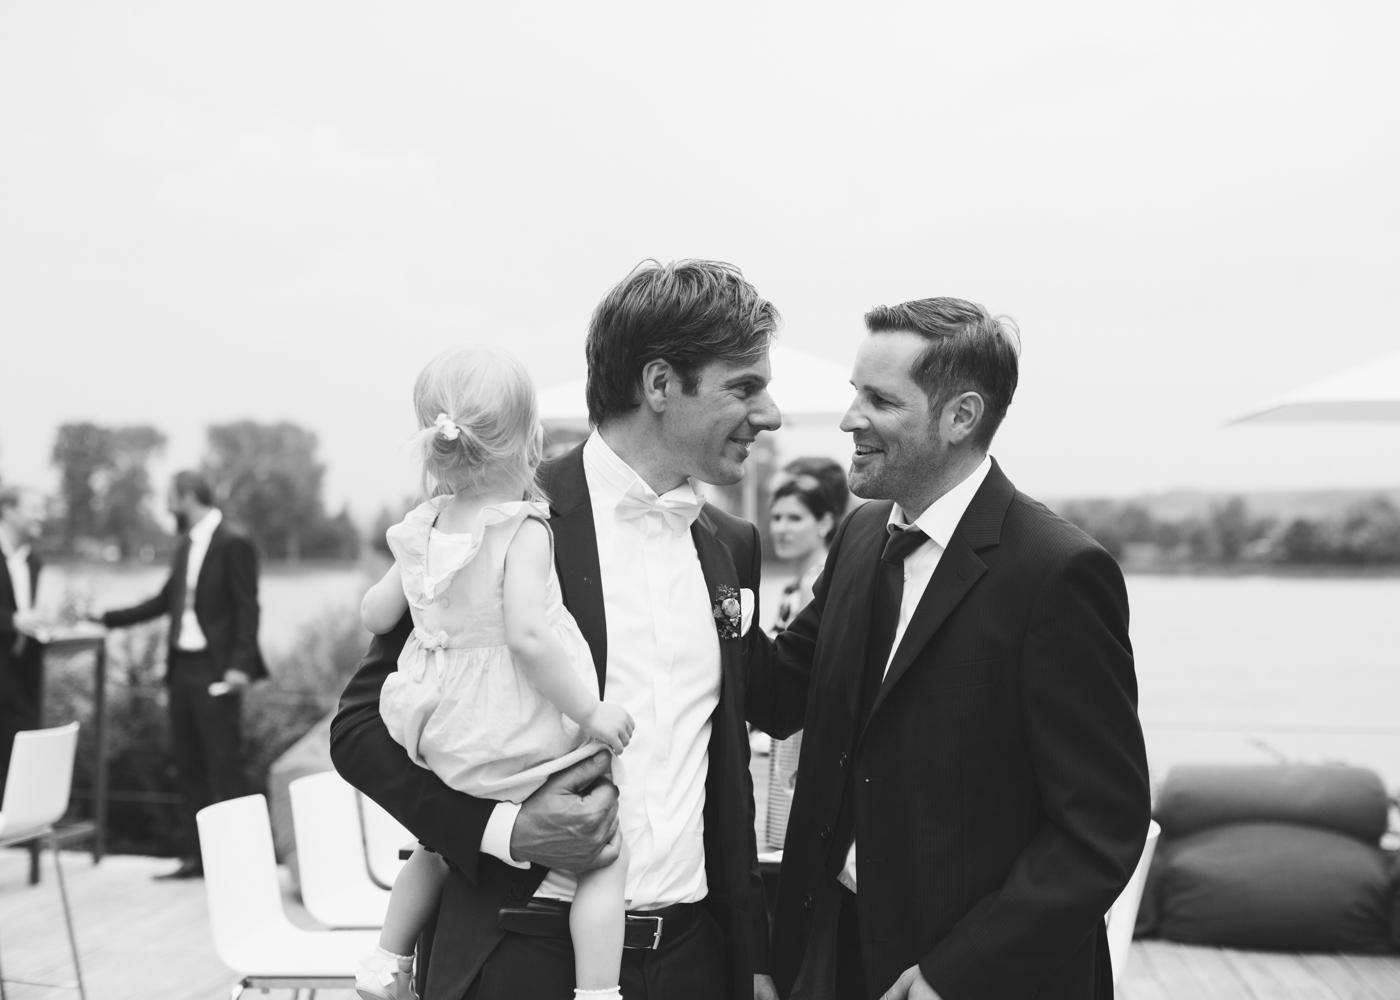 Hochzeitsreportage_Kiesendahl_ClaudiaundWolf_Blog_059.jpg